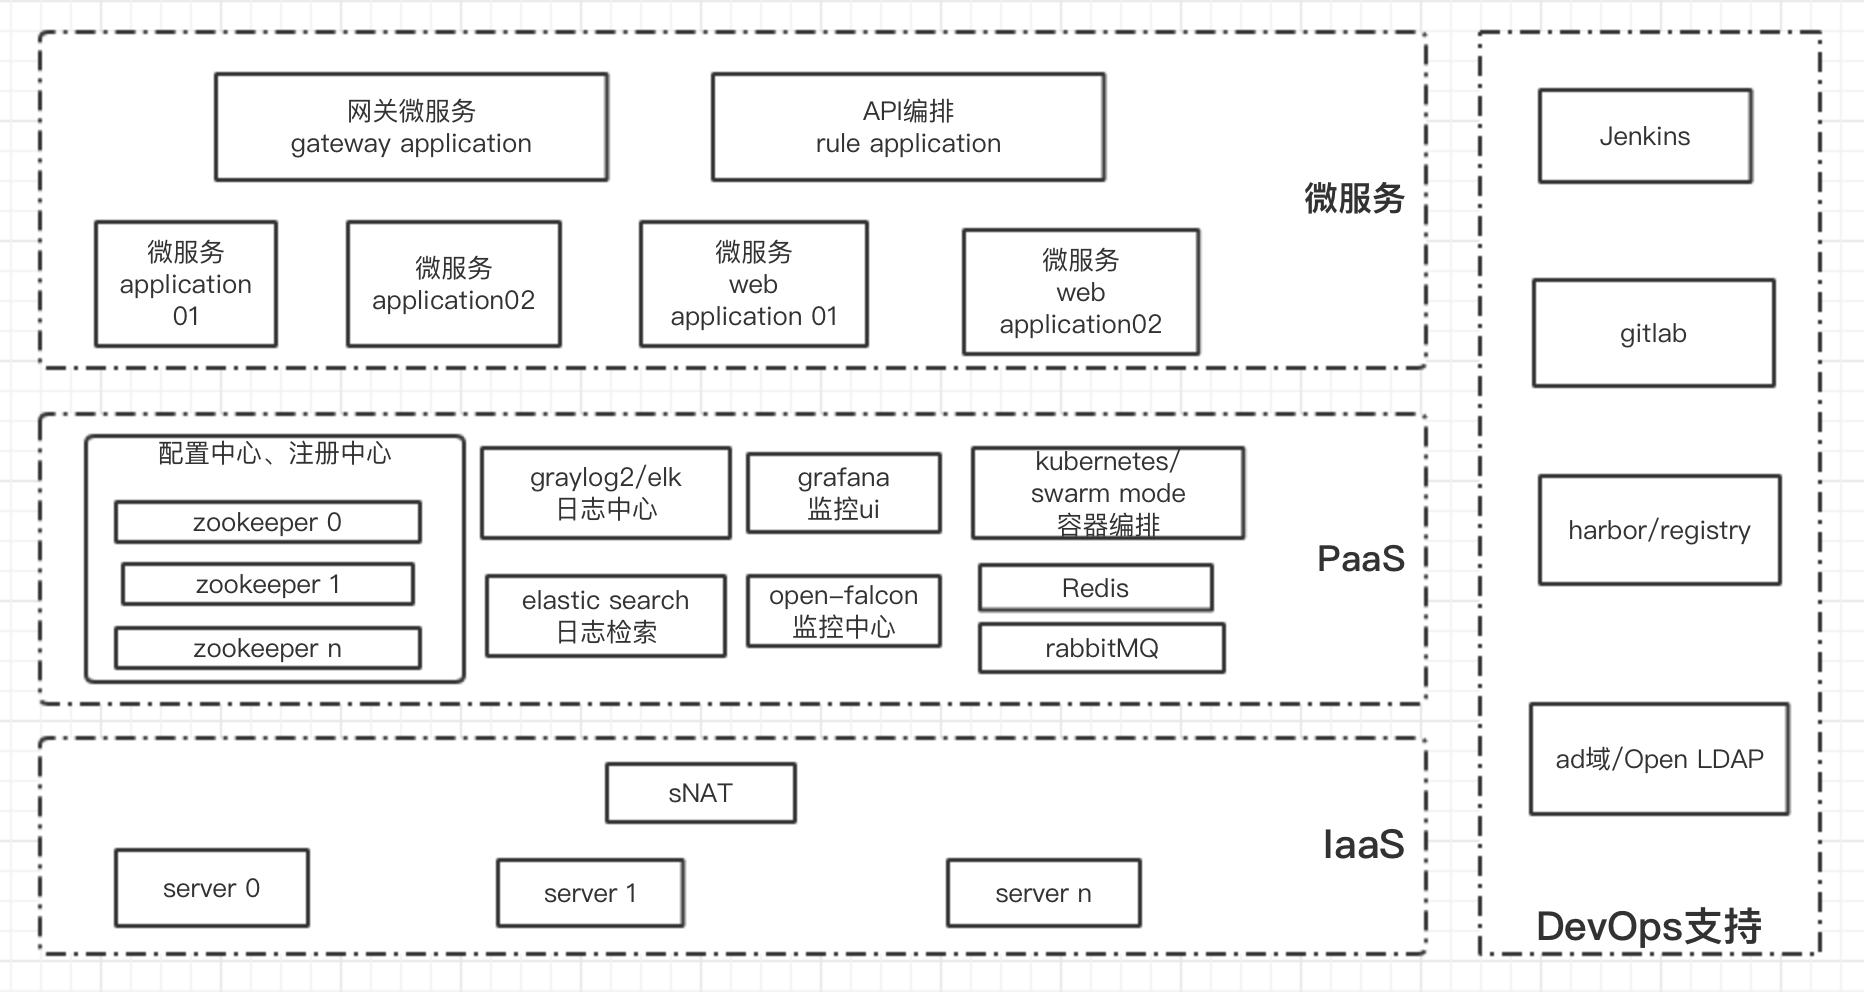 基于xian你可以实现如下逻辑架构图对应的微服务集群